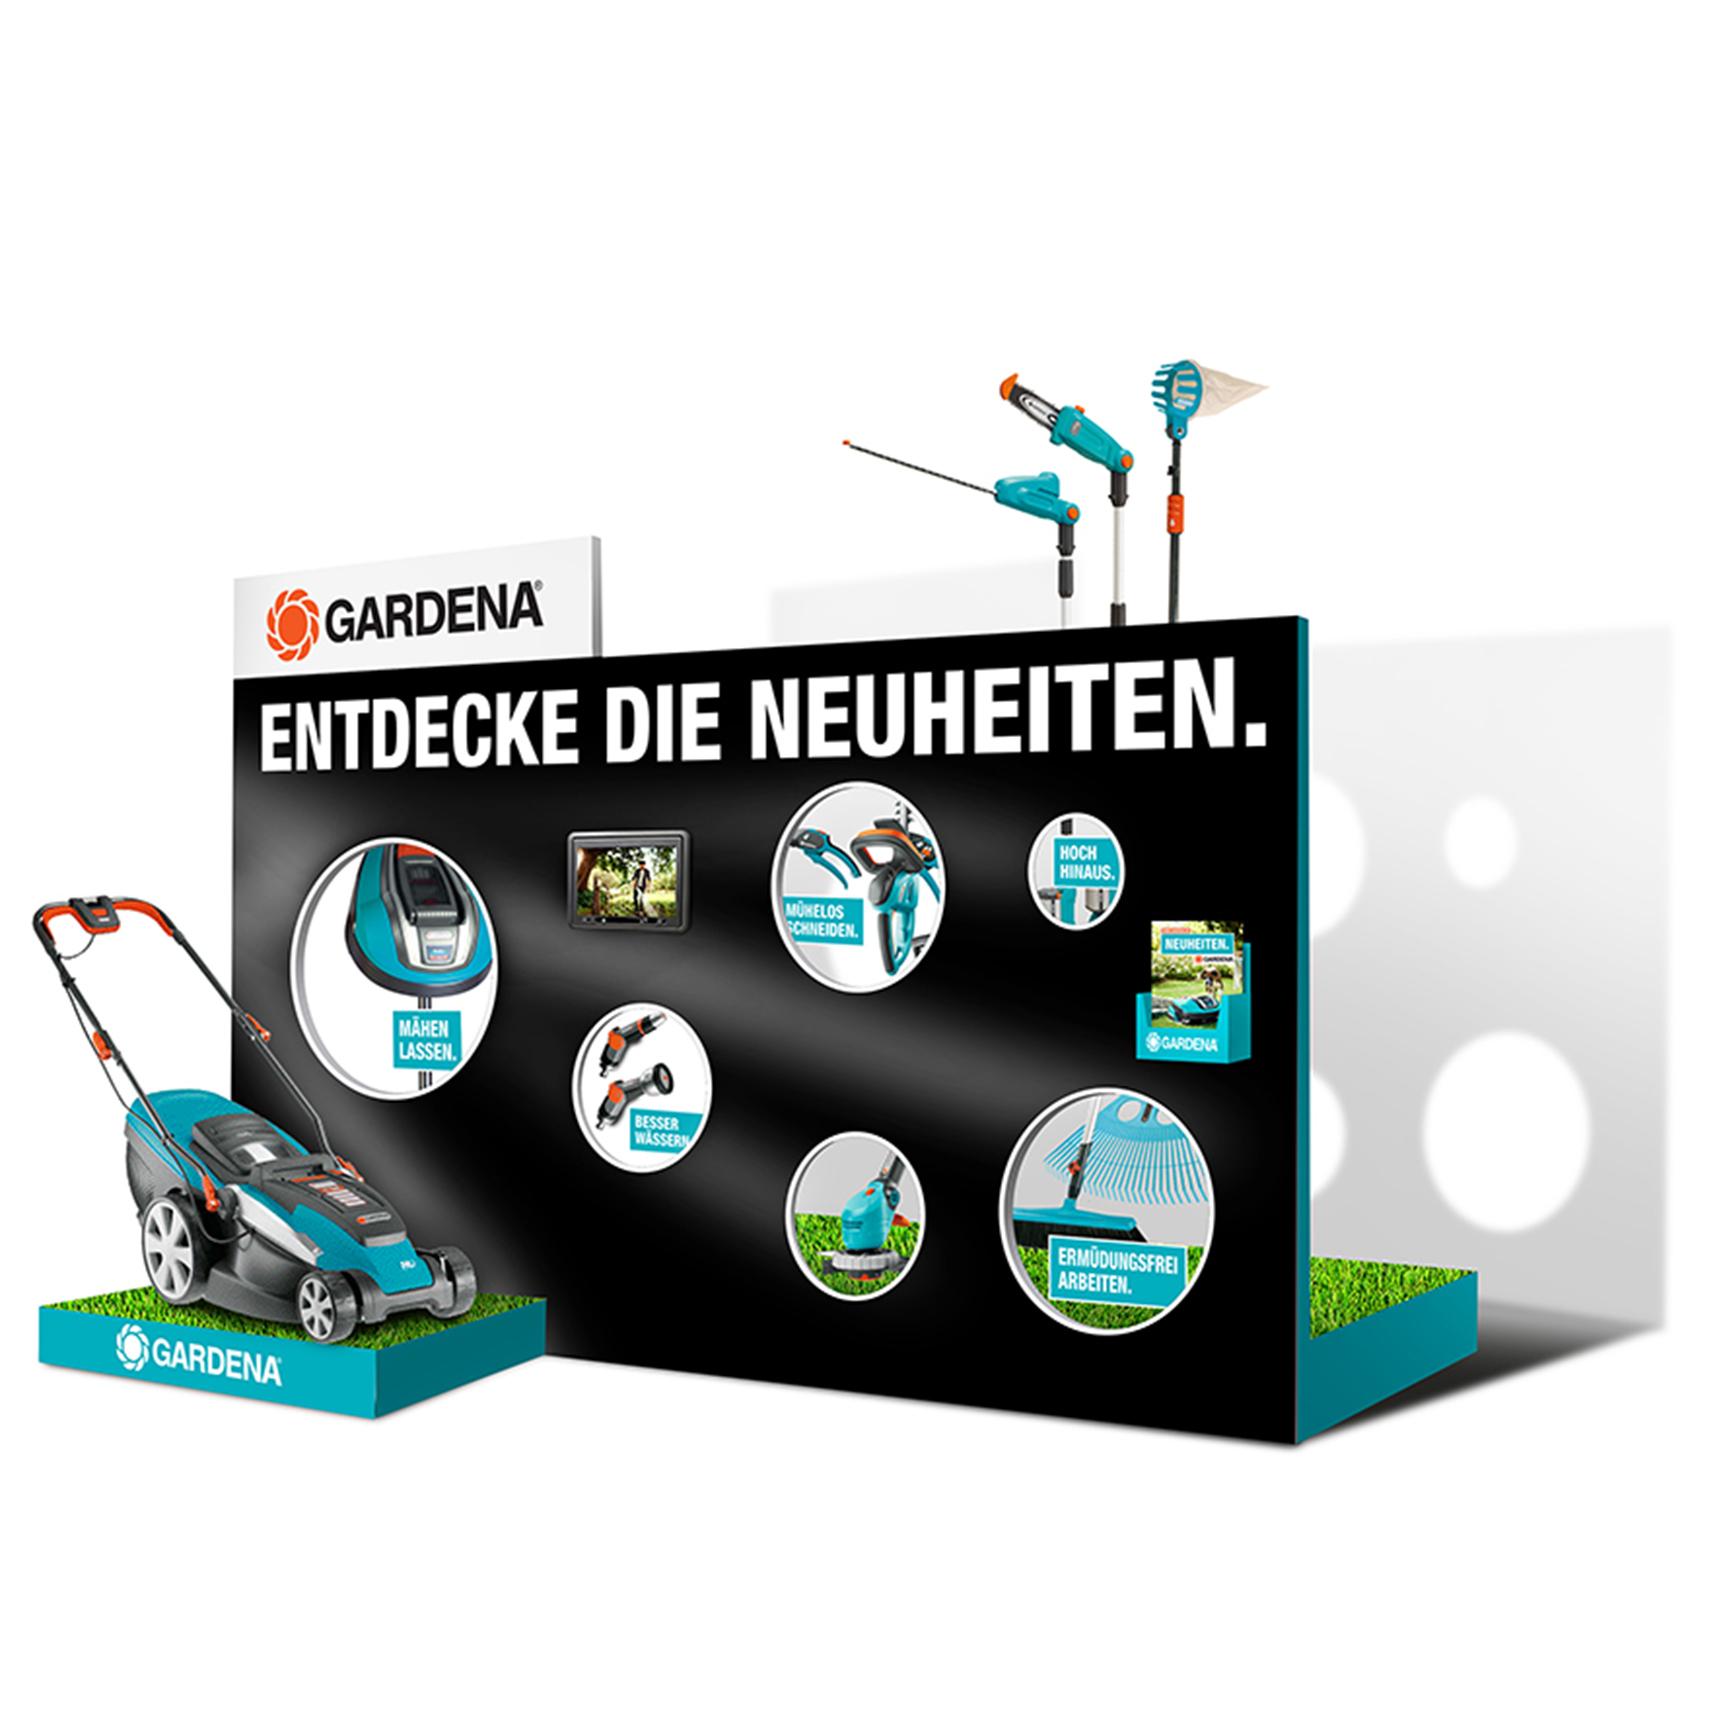 POS Schulz Design Werbeagentur Ulm